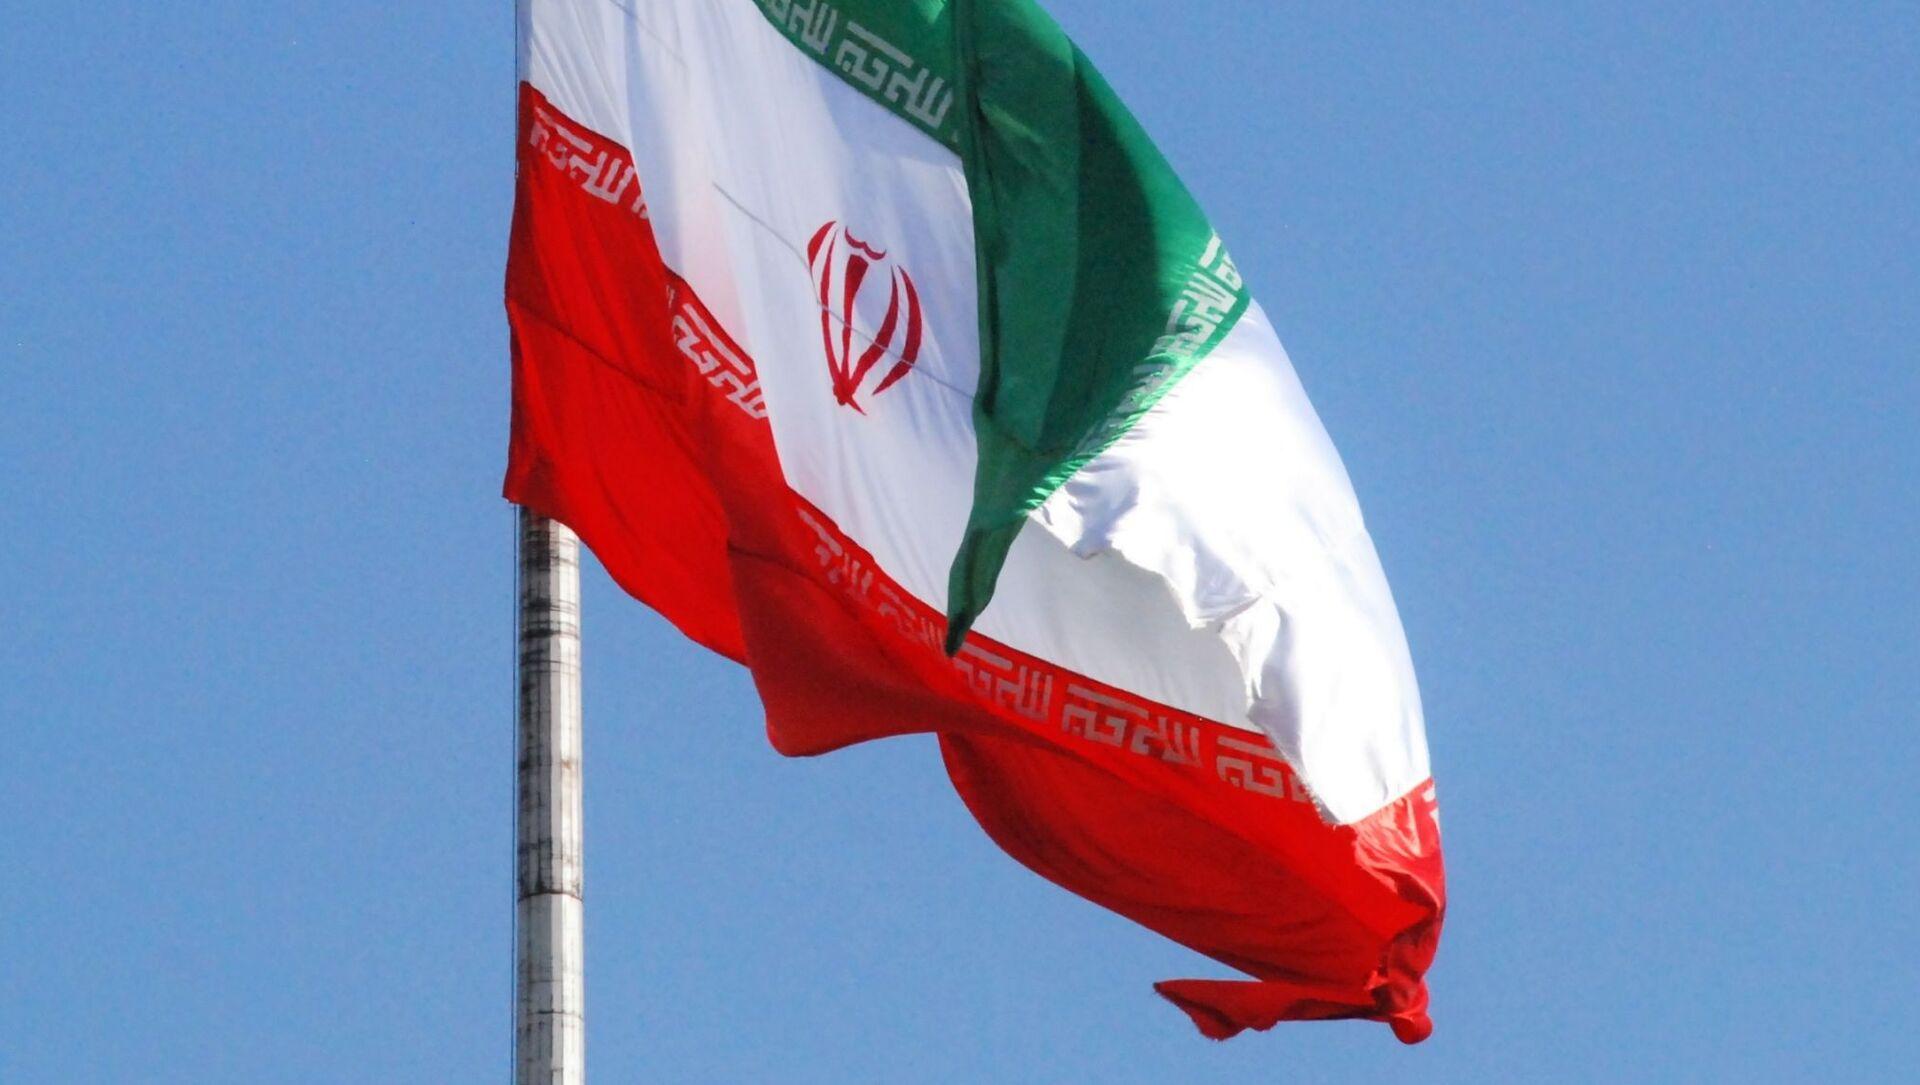 Флаг Ирана на одной из улиц Тегерана - Sputnik Грузия, 1920, 19.06.2021